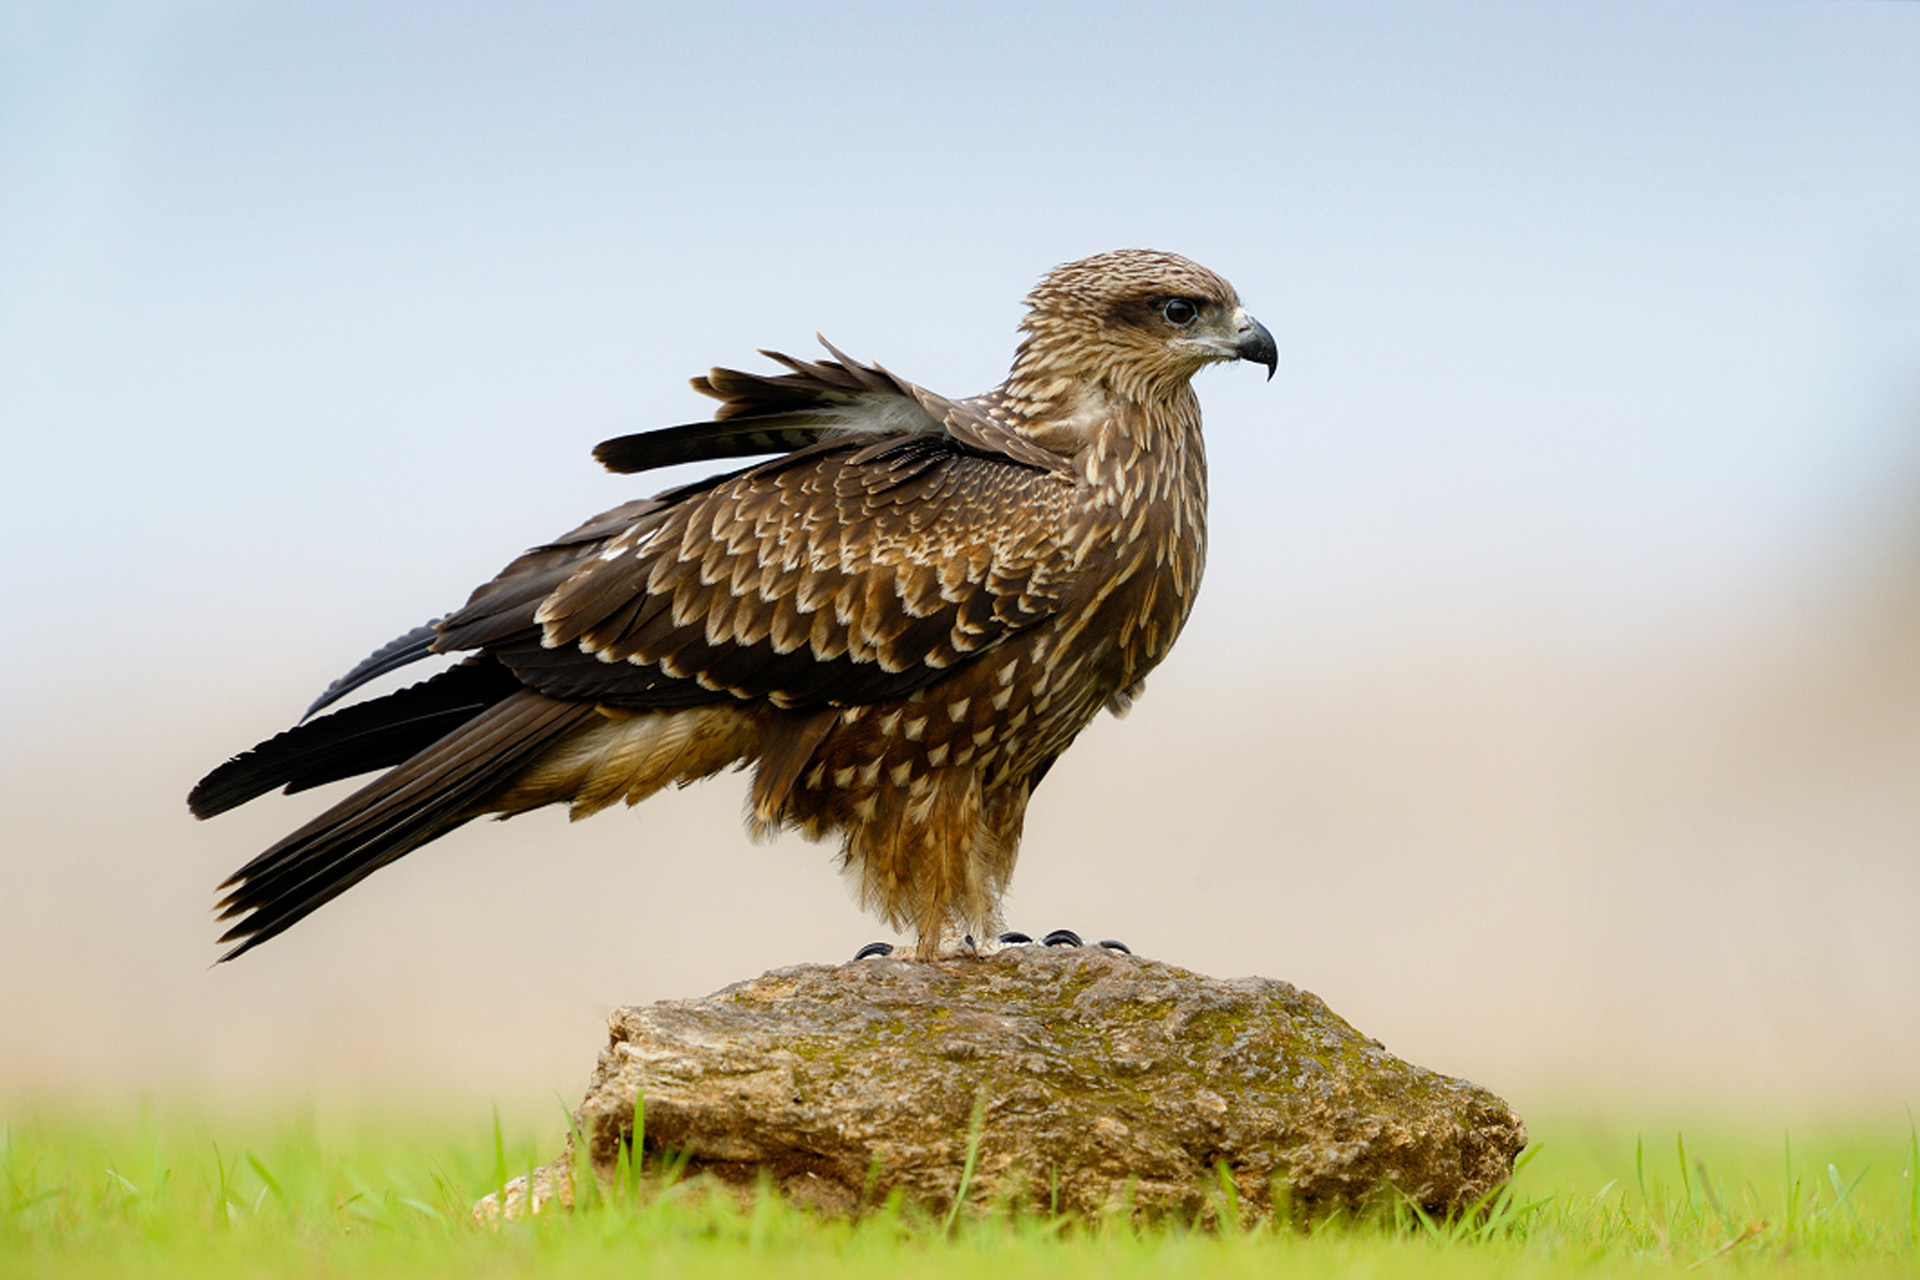 природа животные птица сокол nature animals bird Falcon  № 2993117  скачать